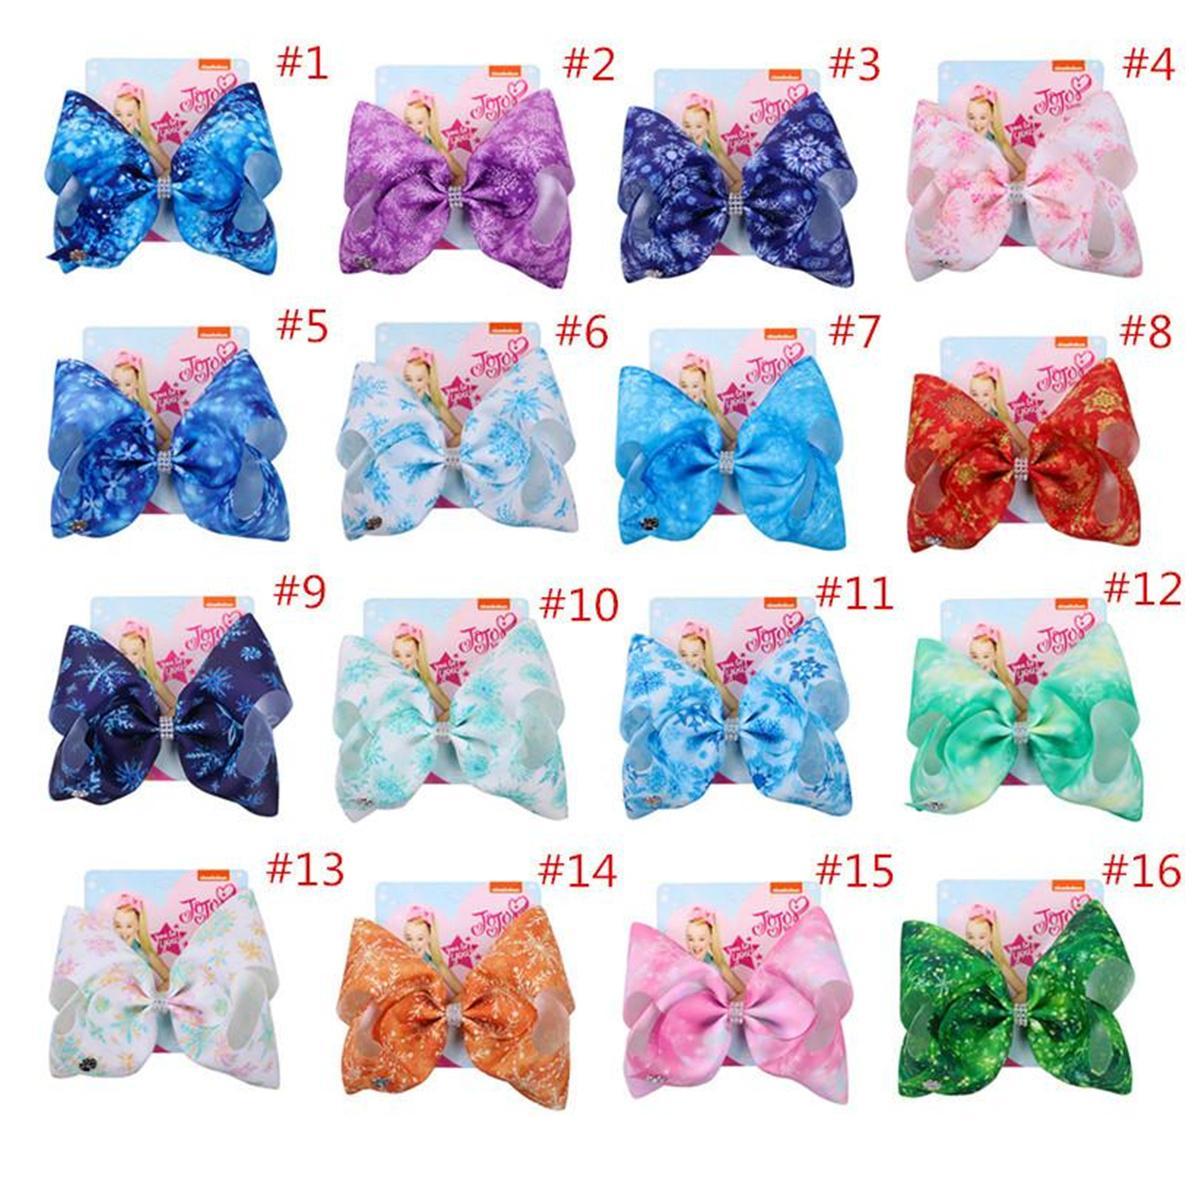 2020 Девушки Swia Bow Hair Clip Bows Snowfilkake Fairclip Barnettes для детей Прикосновение для волос Аксессуары для волос с картонными подарками